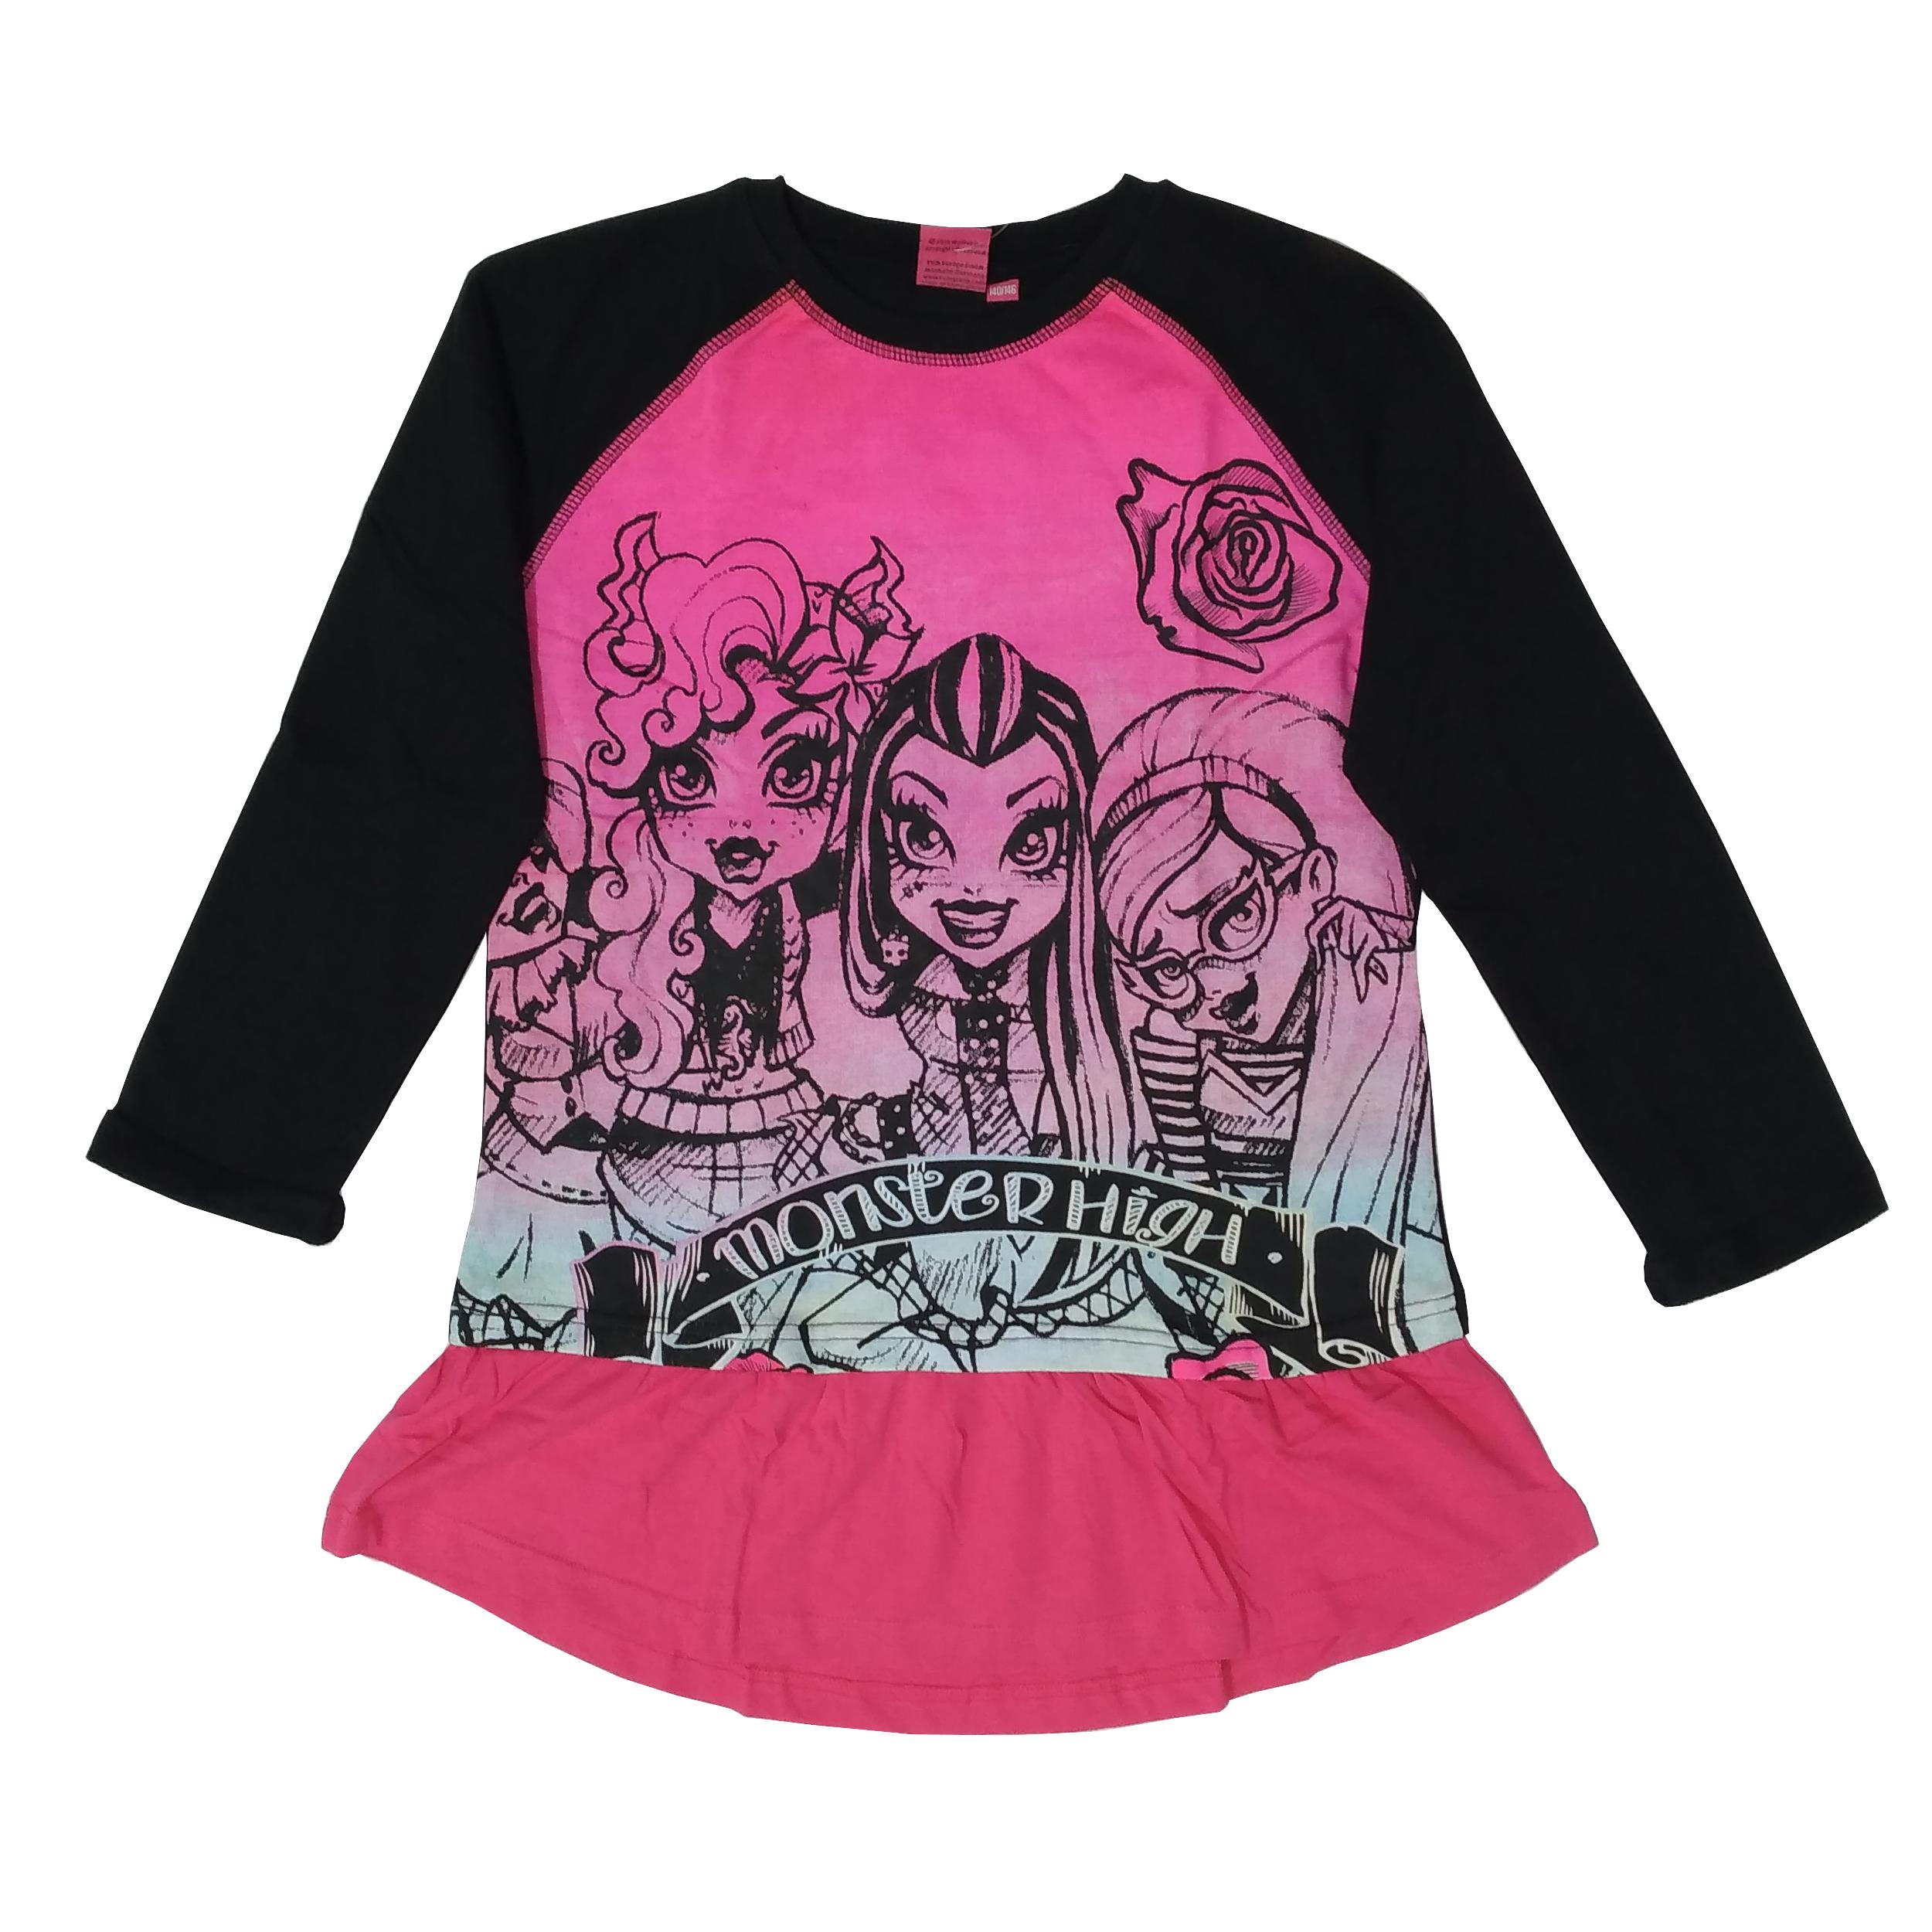 تی شرت آستین بلند دخترانه مانستر های مدل 11-16-137